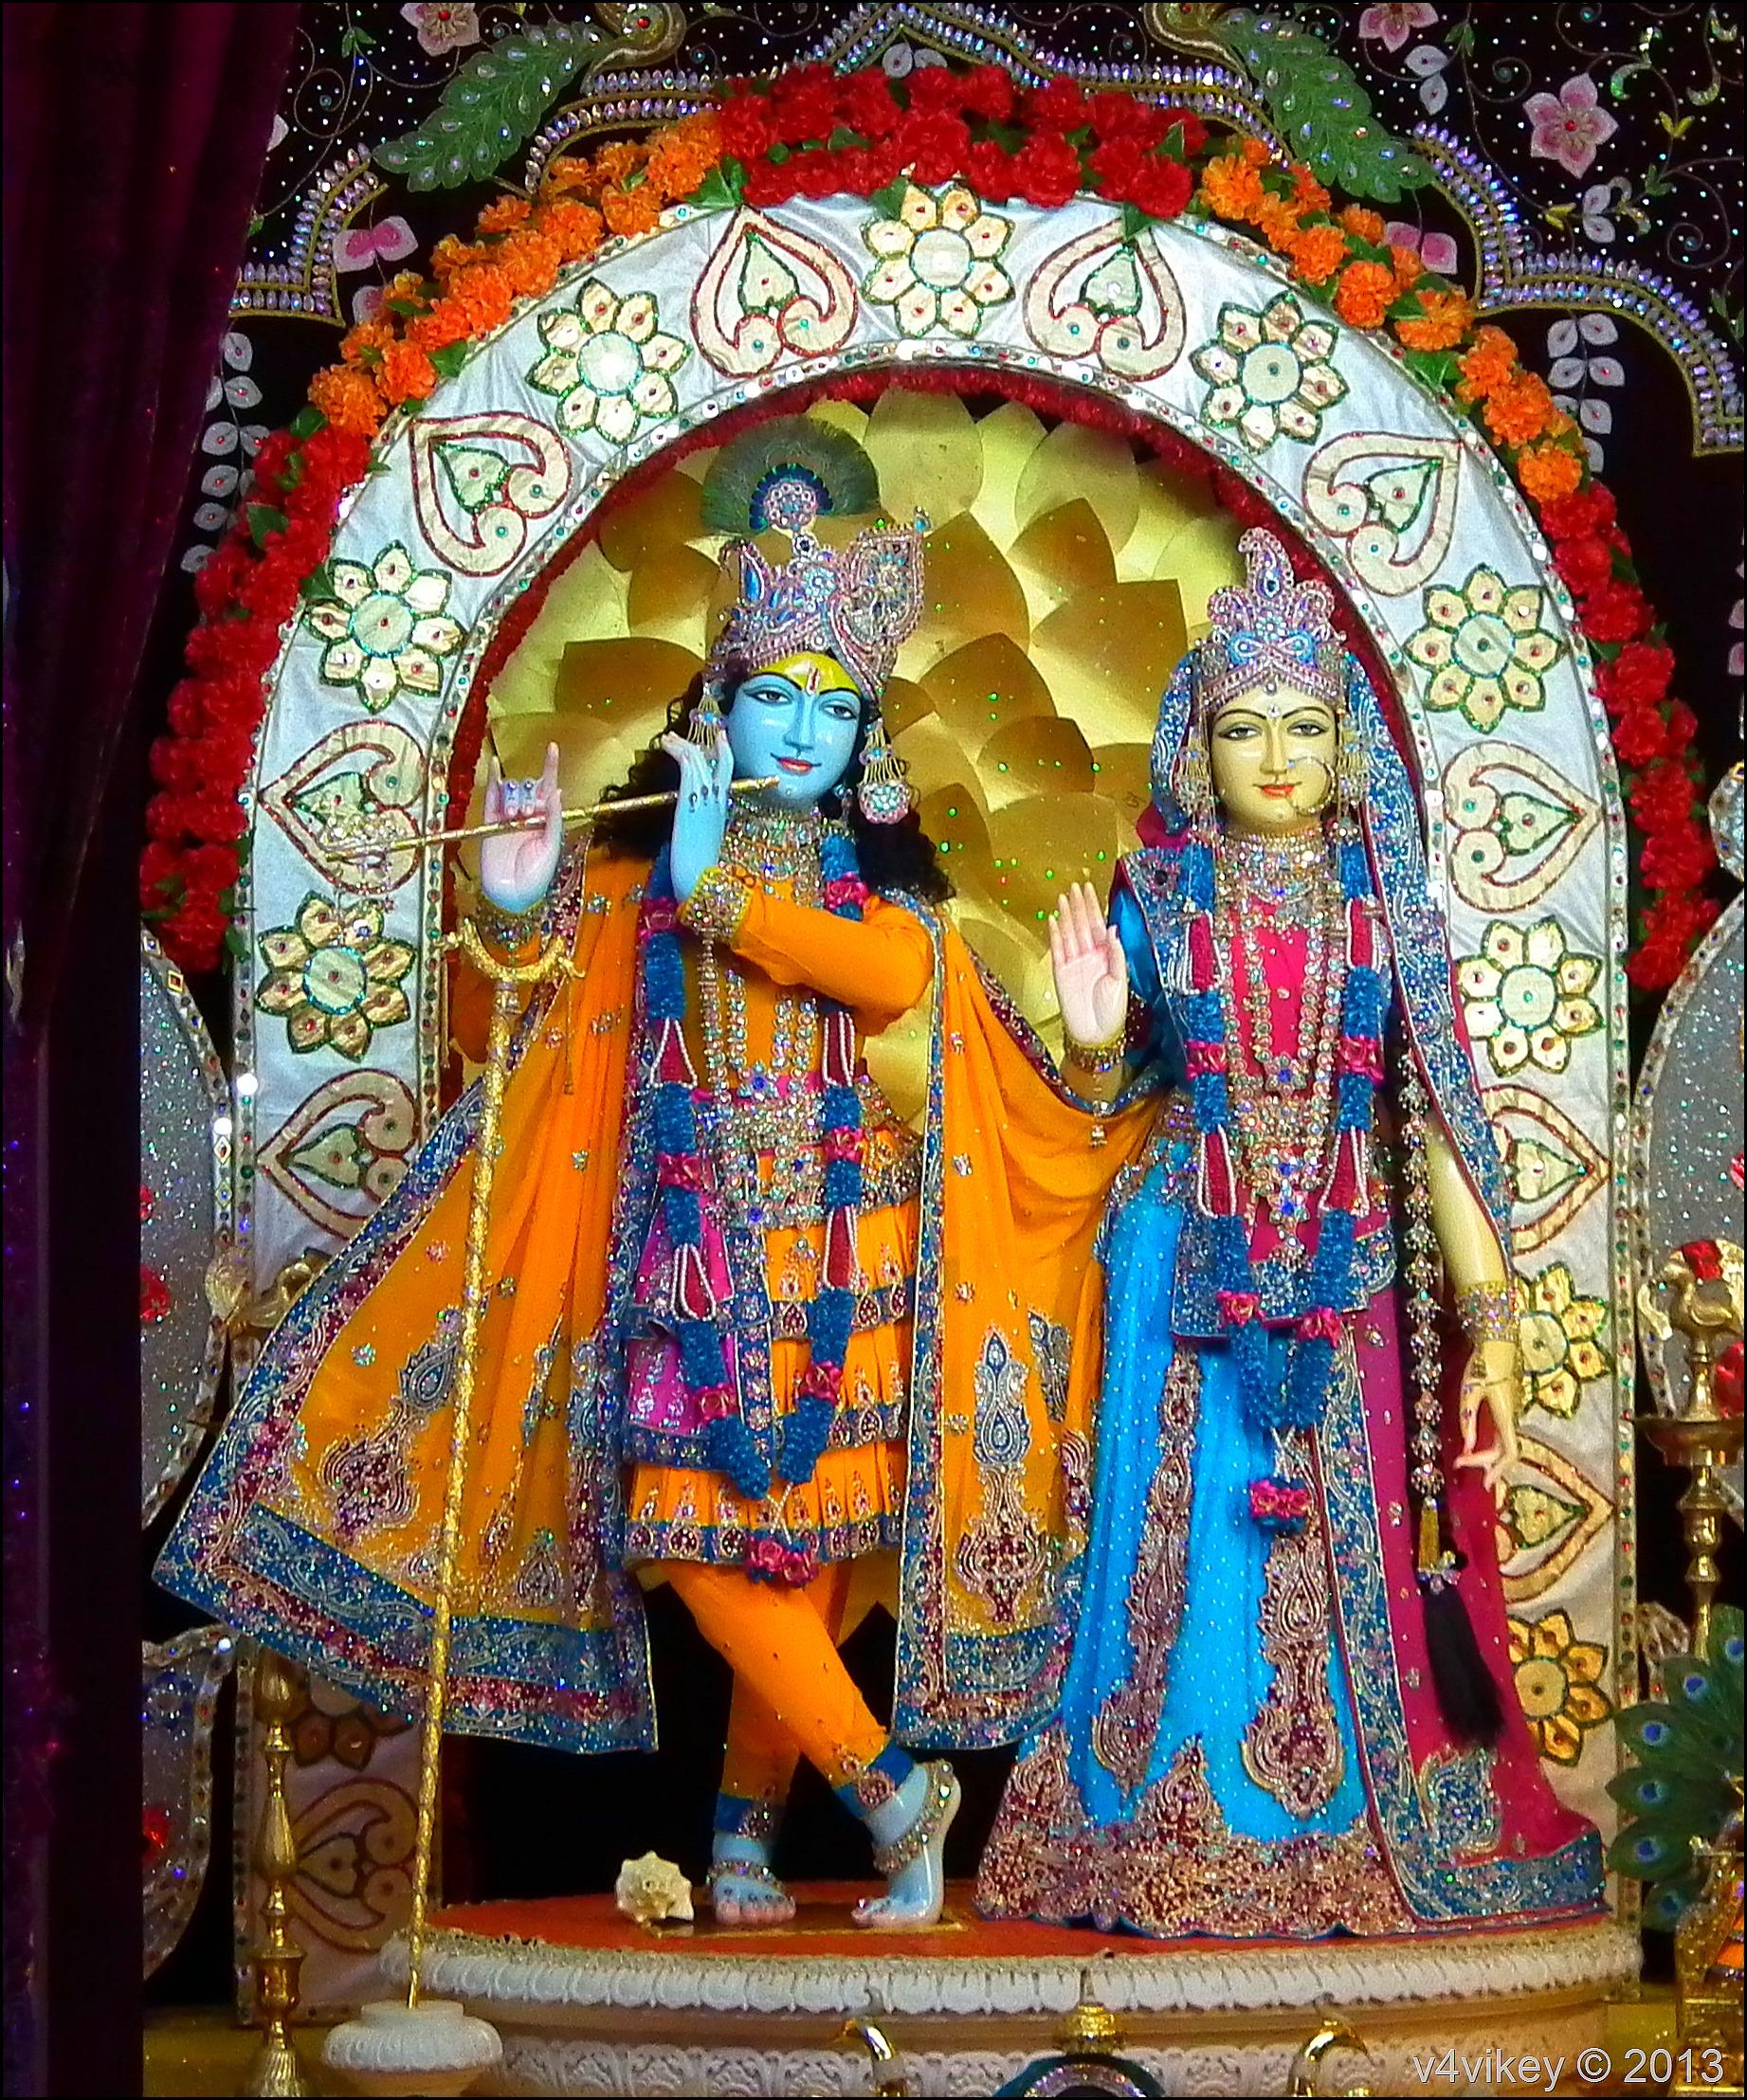 Cool Wallpaper Lord Radha Krishna - dscf2140_thumb2  Best Photo Reference_624213.jpg?w\u003d1843\u0026h\u003d2216